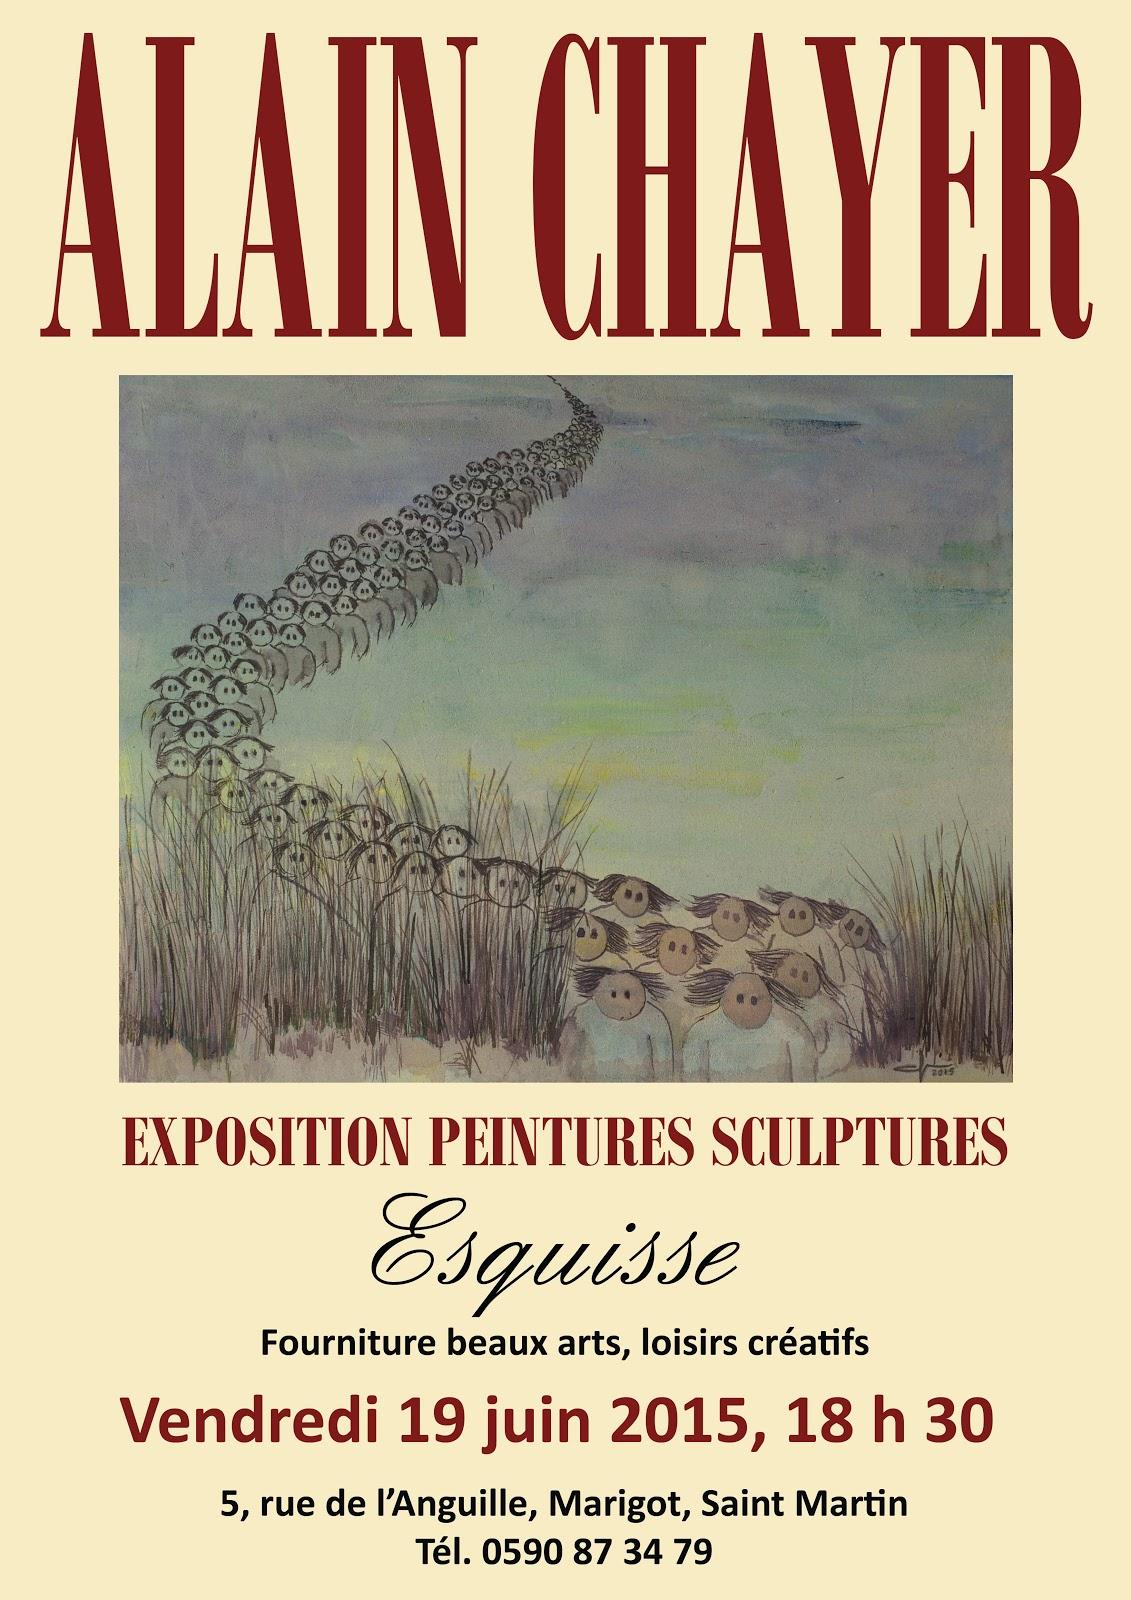 EXPOSITION PEINTURES ET SCULPTURES - SAINT MARTIN CHEZ ESQUISSE - 19 JUIN 2015